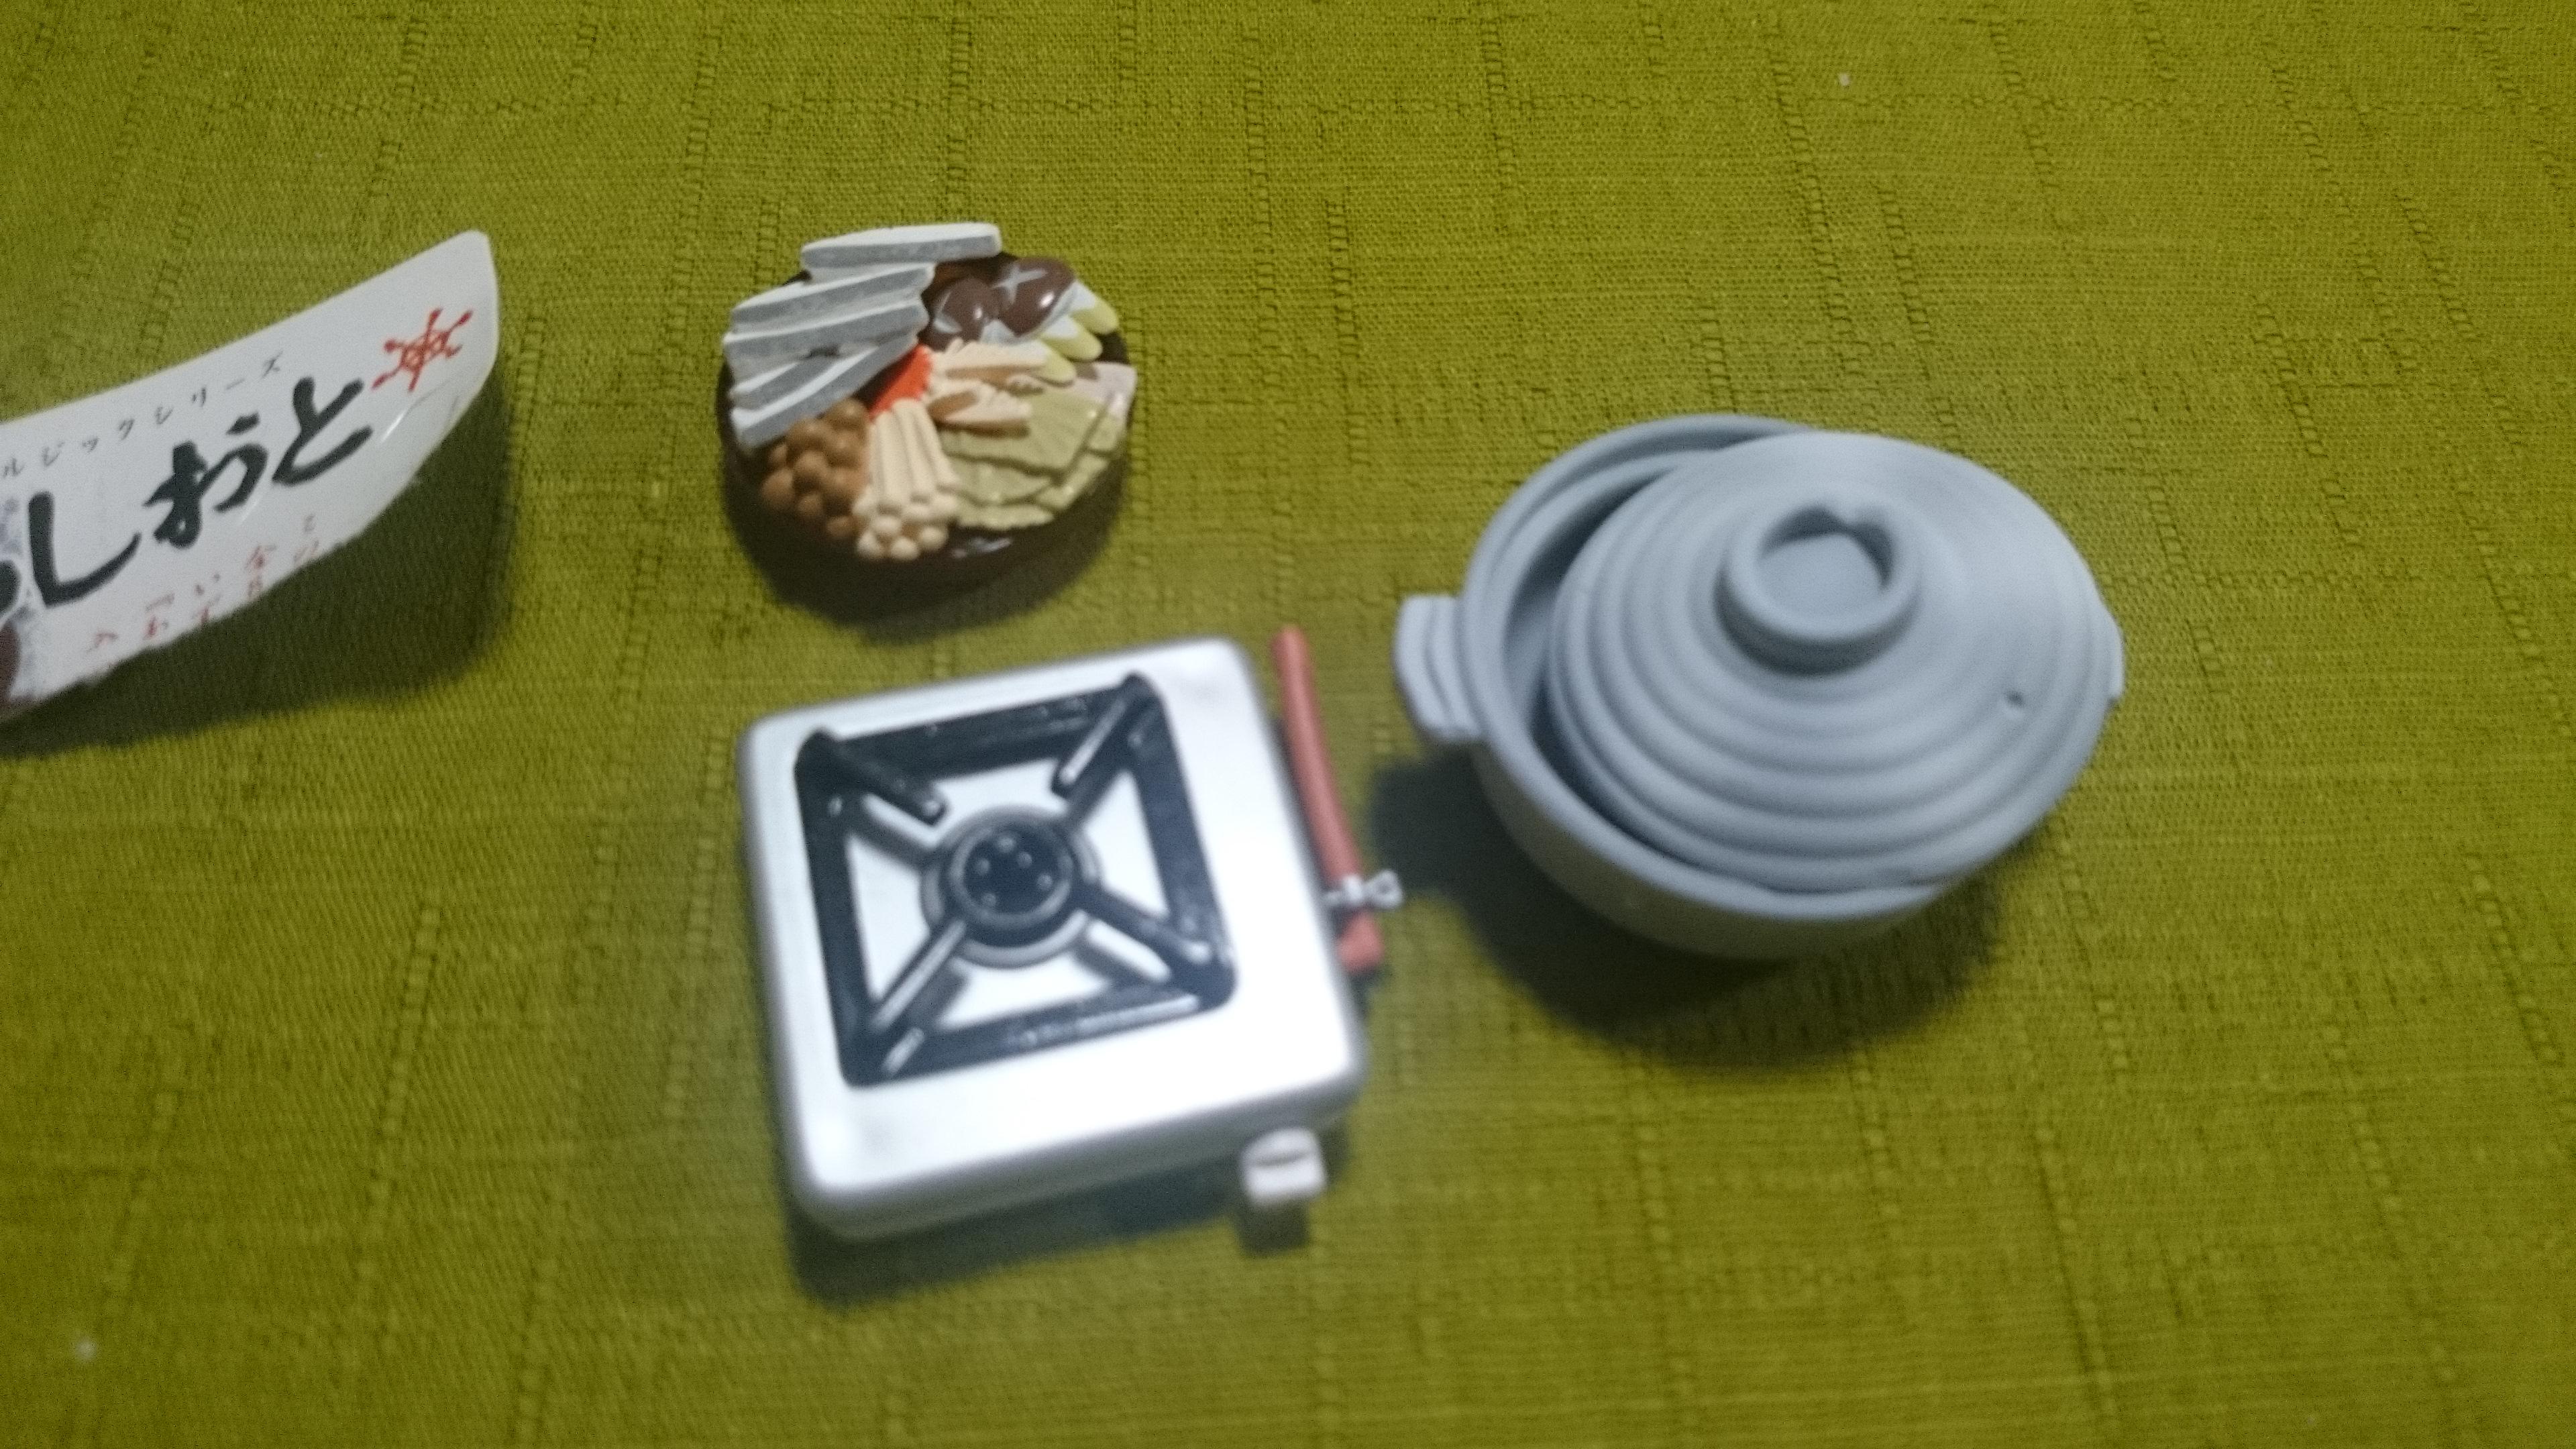 13、鱈ちり鍋/冬のあしおと(株メガハウス)昭和50年代ノスタルジックシリーズ全8種